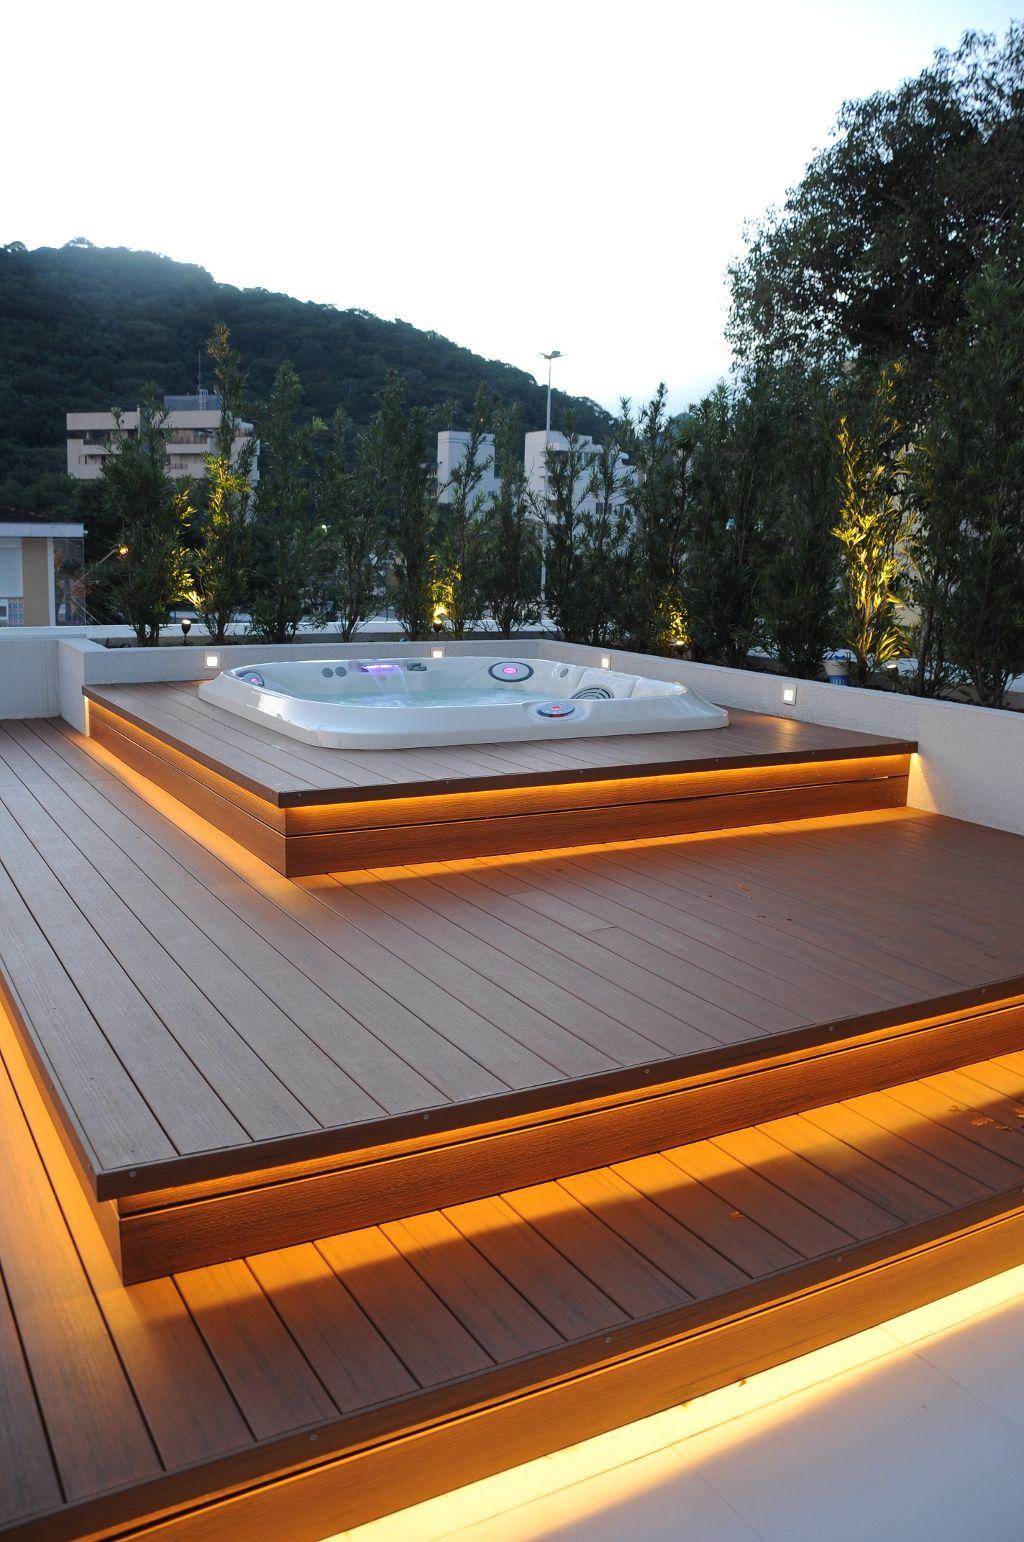 Novamente o deck de madeira foi a opção para receber a Jacuzzi. Neste projeto clean o destaque fica para a iluminação indireta no deck.